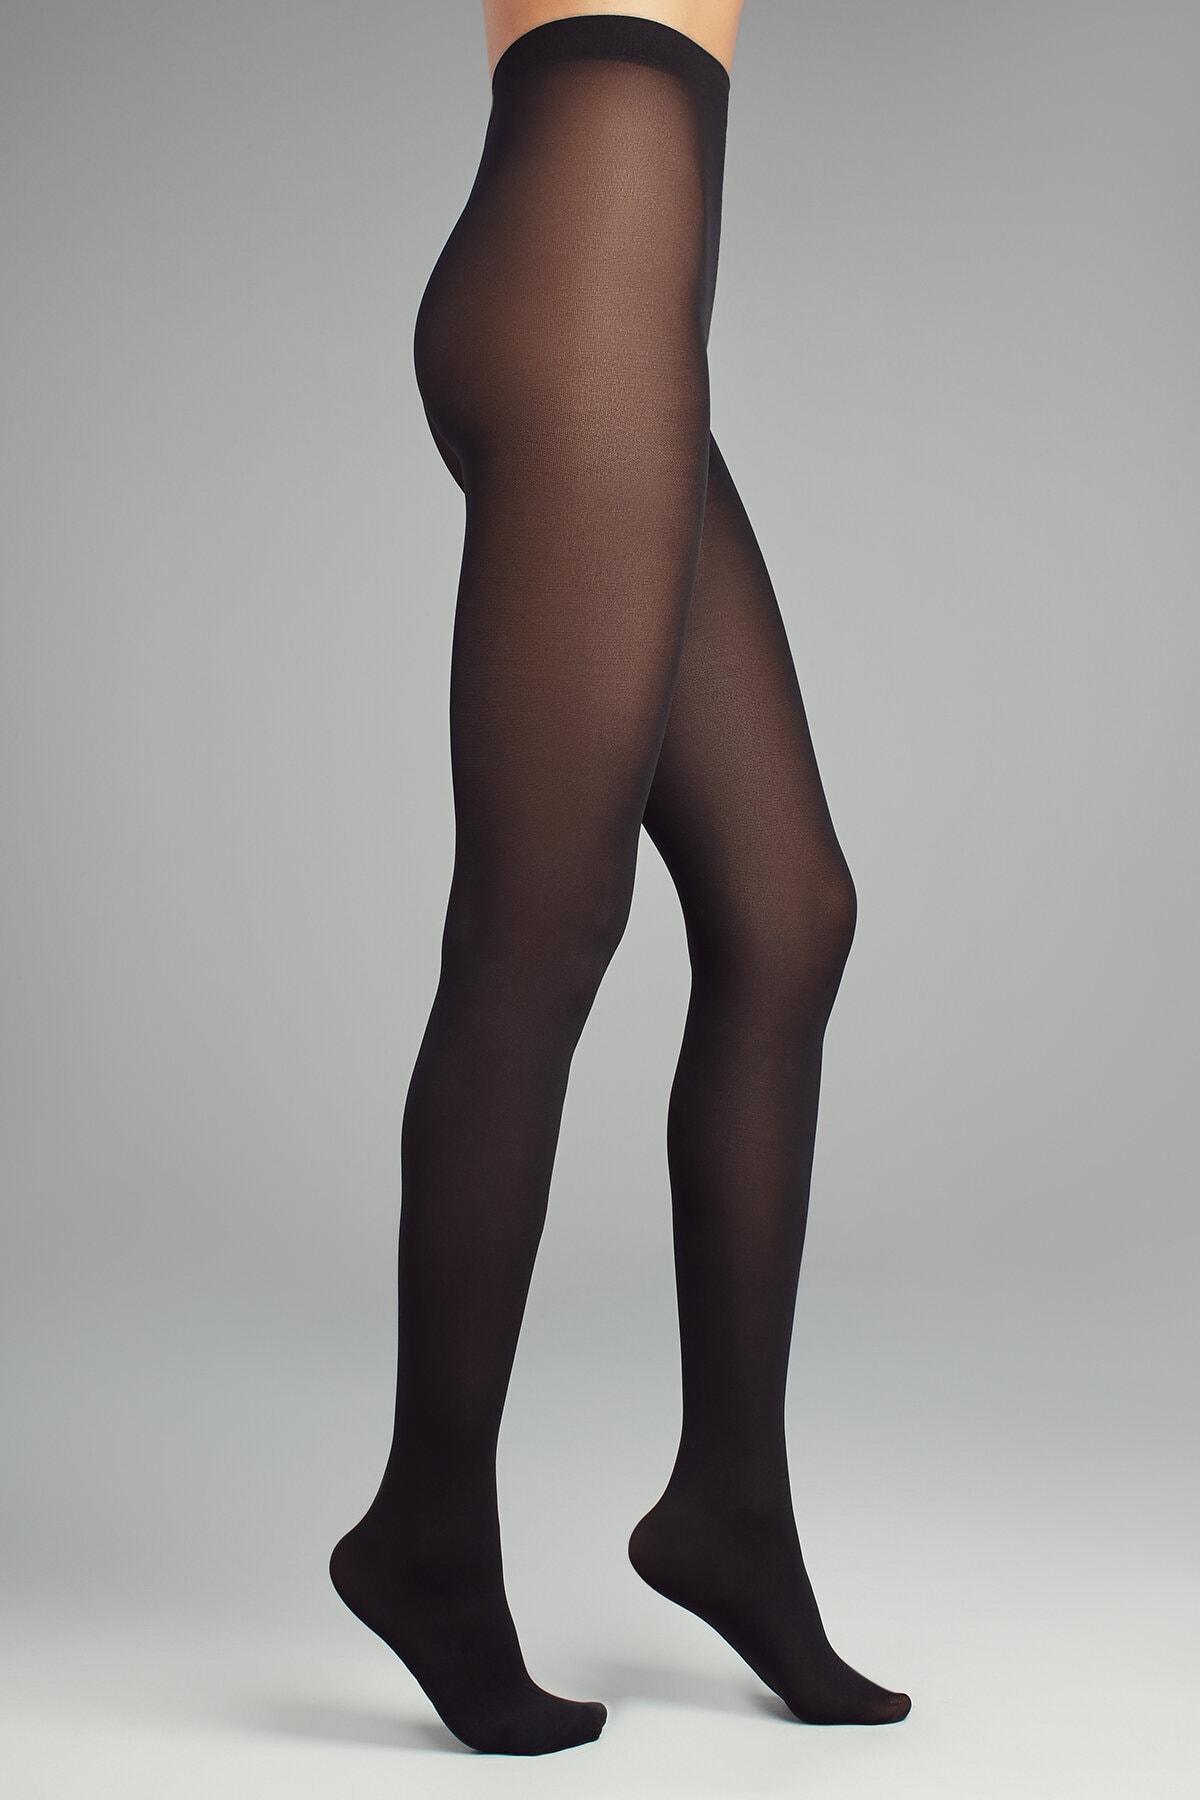 Penti Kadın Std Feel Moment Külotlu Çorap 4